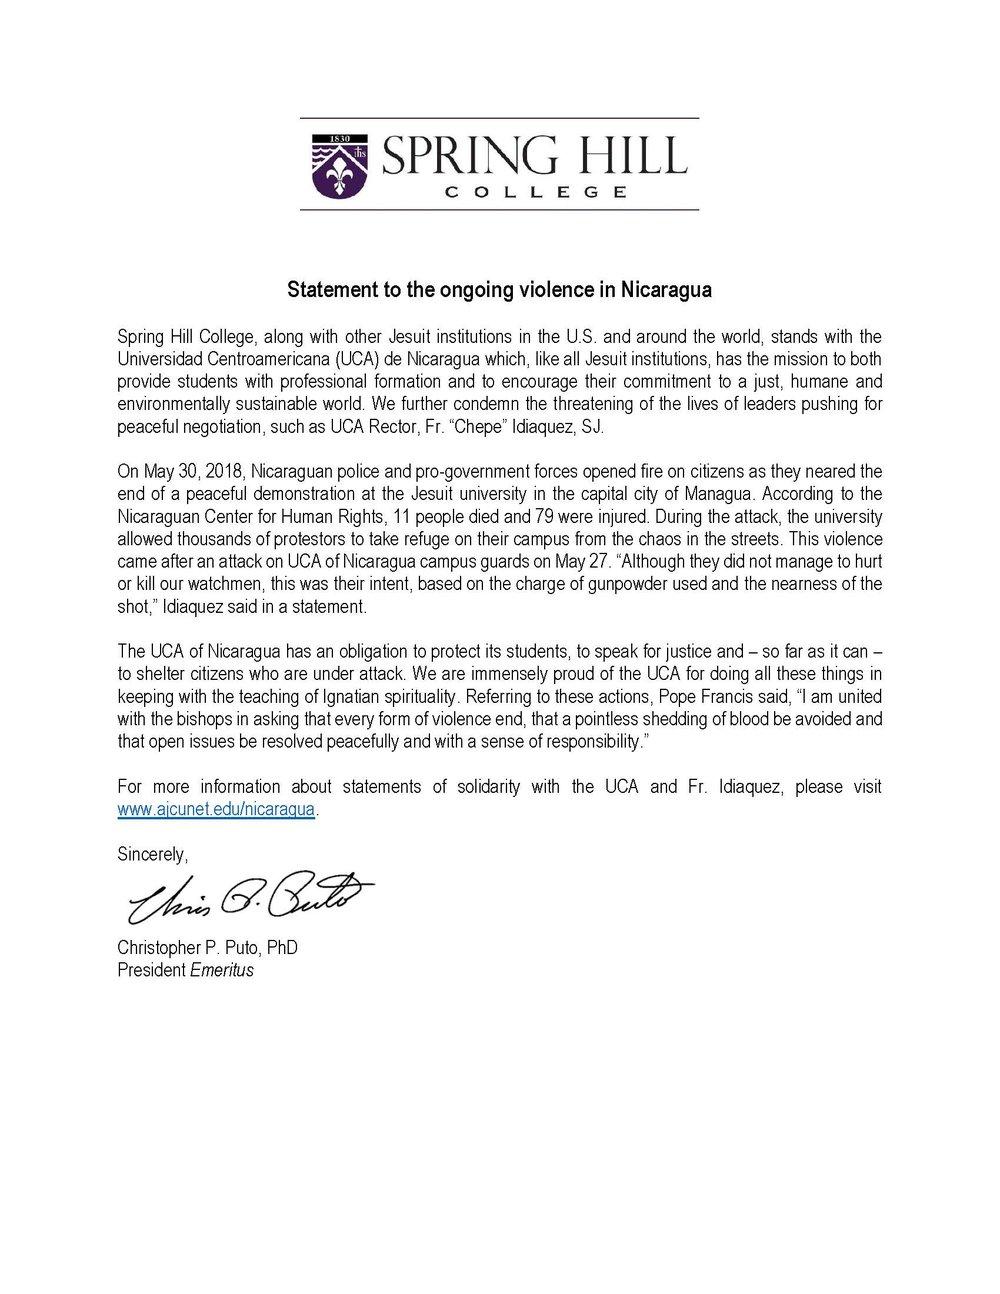 Spring Hill College (Mobile, AL)